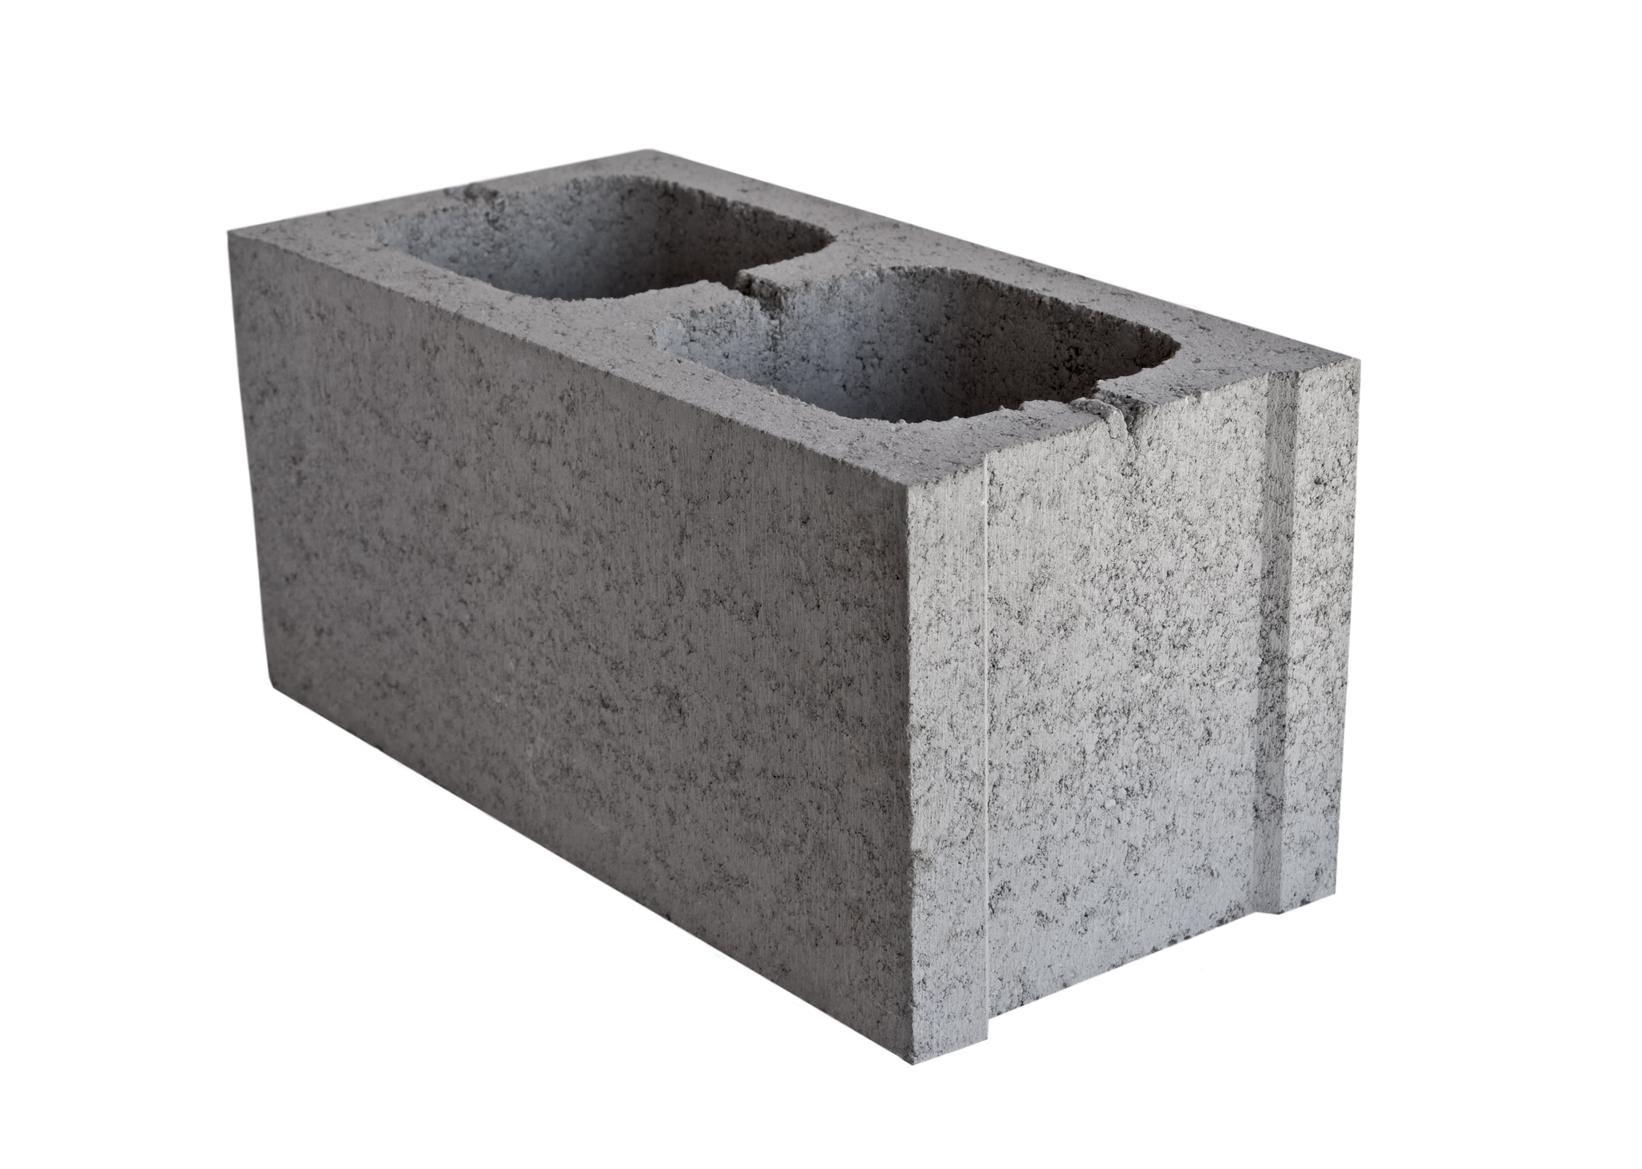 Bed Frame On Cinder Blocks